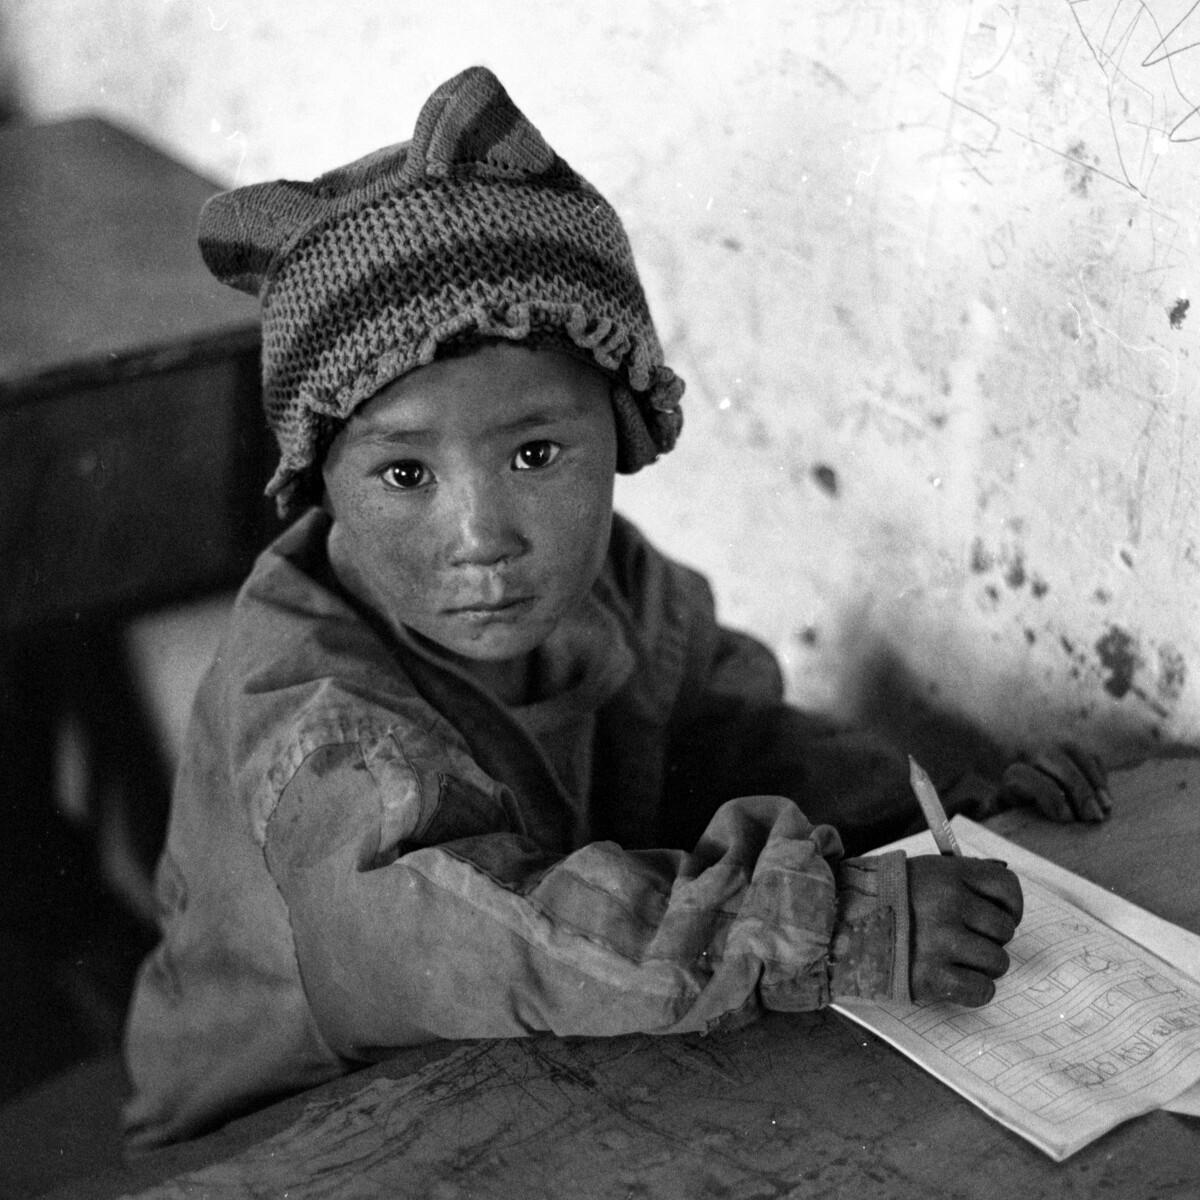 布拖县彝族人黑彝有多少人口_布拖县彝族照片